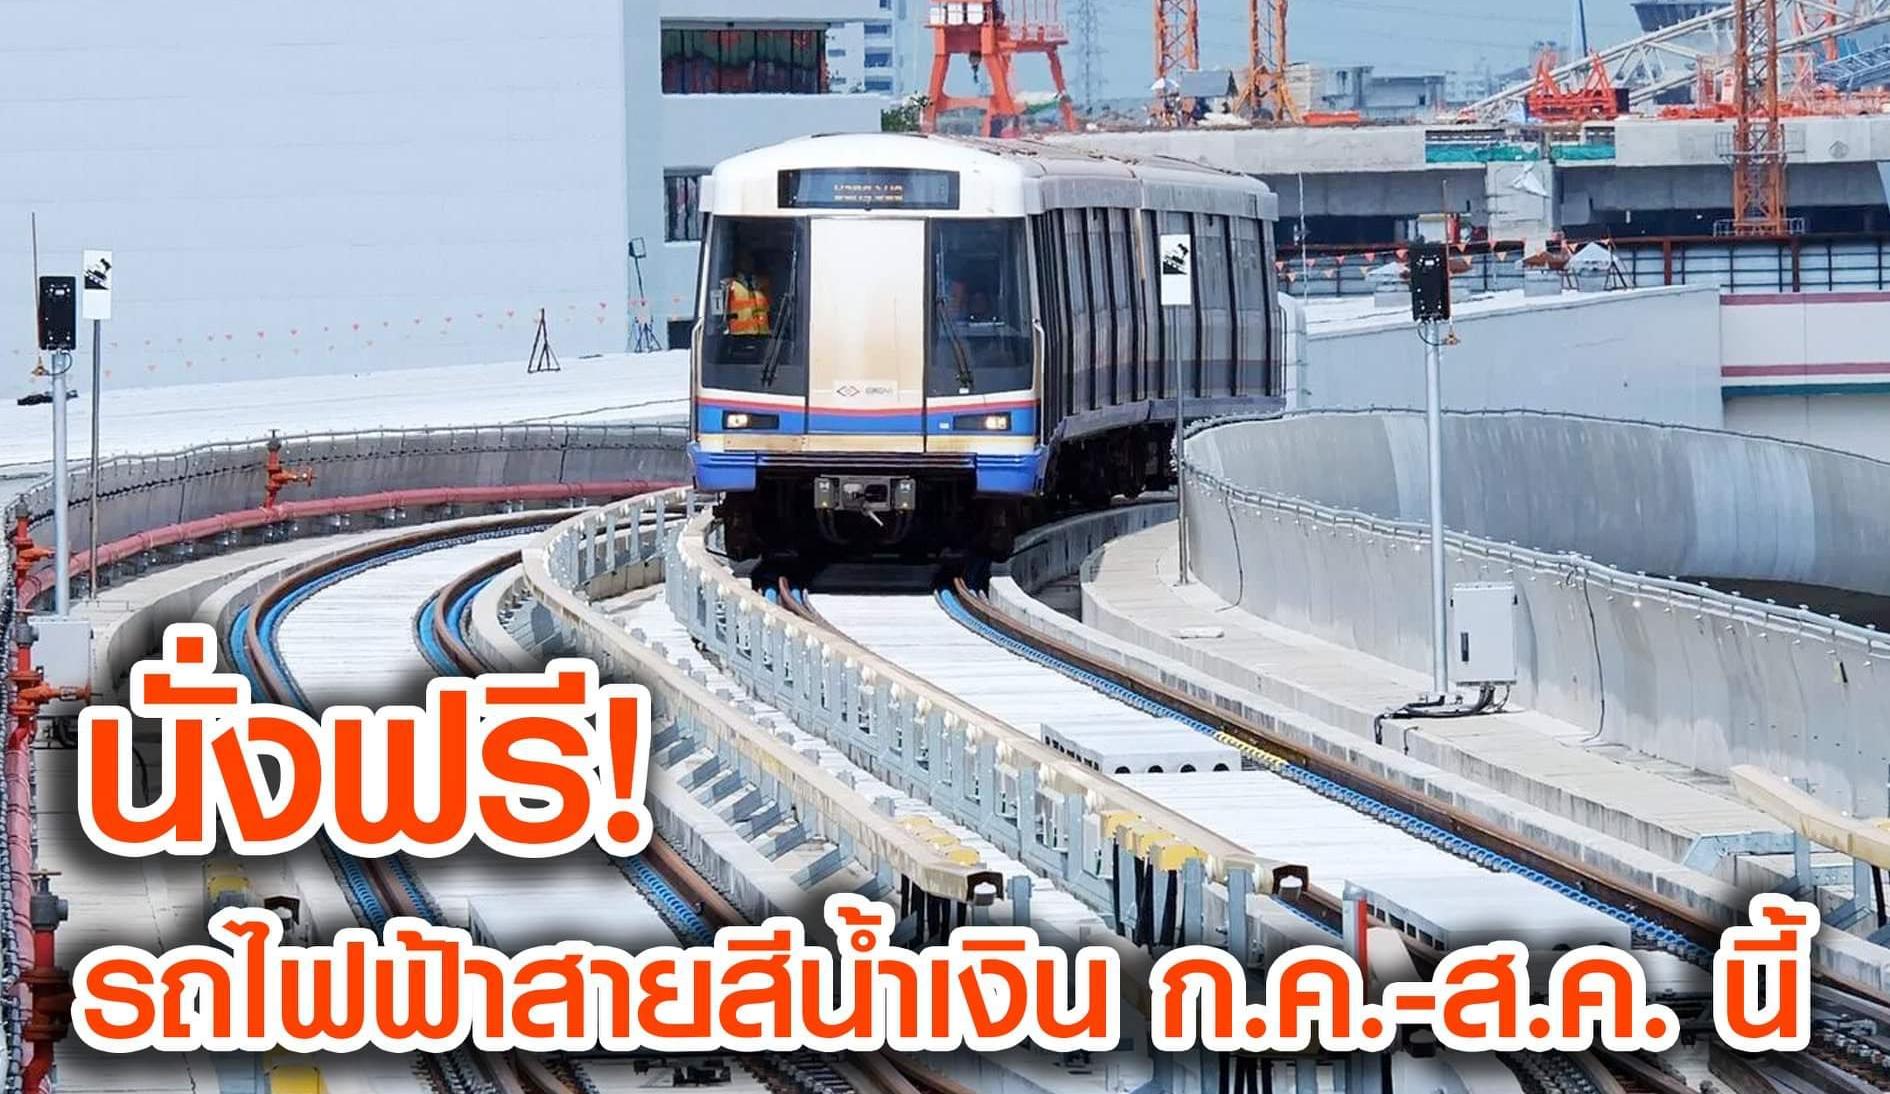 รถไฟฟ้าสายสีน้ำเงิน เปิดให้นั่งฟรี